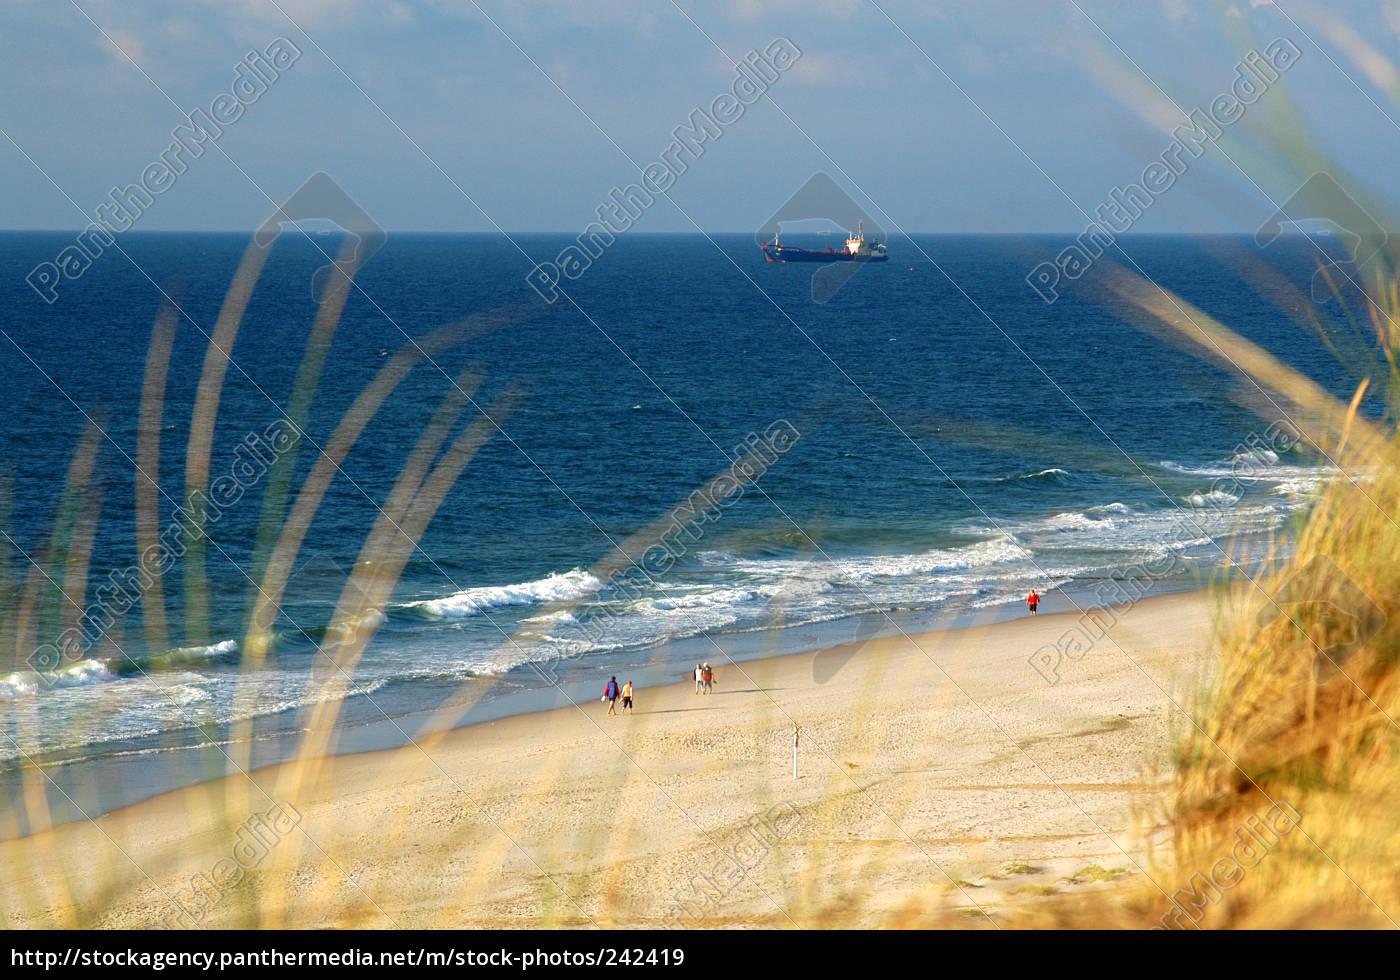 at, the, beach - 242419